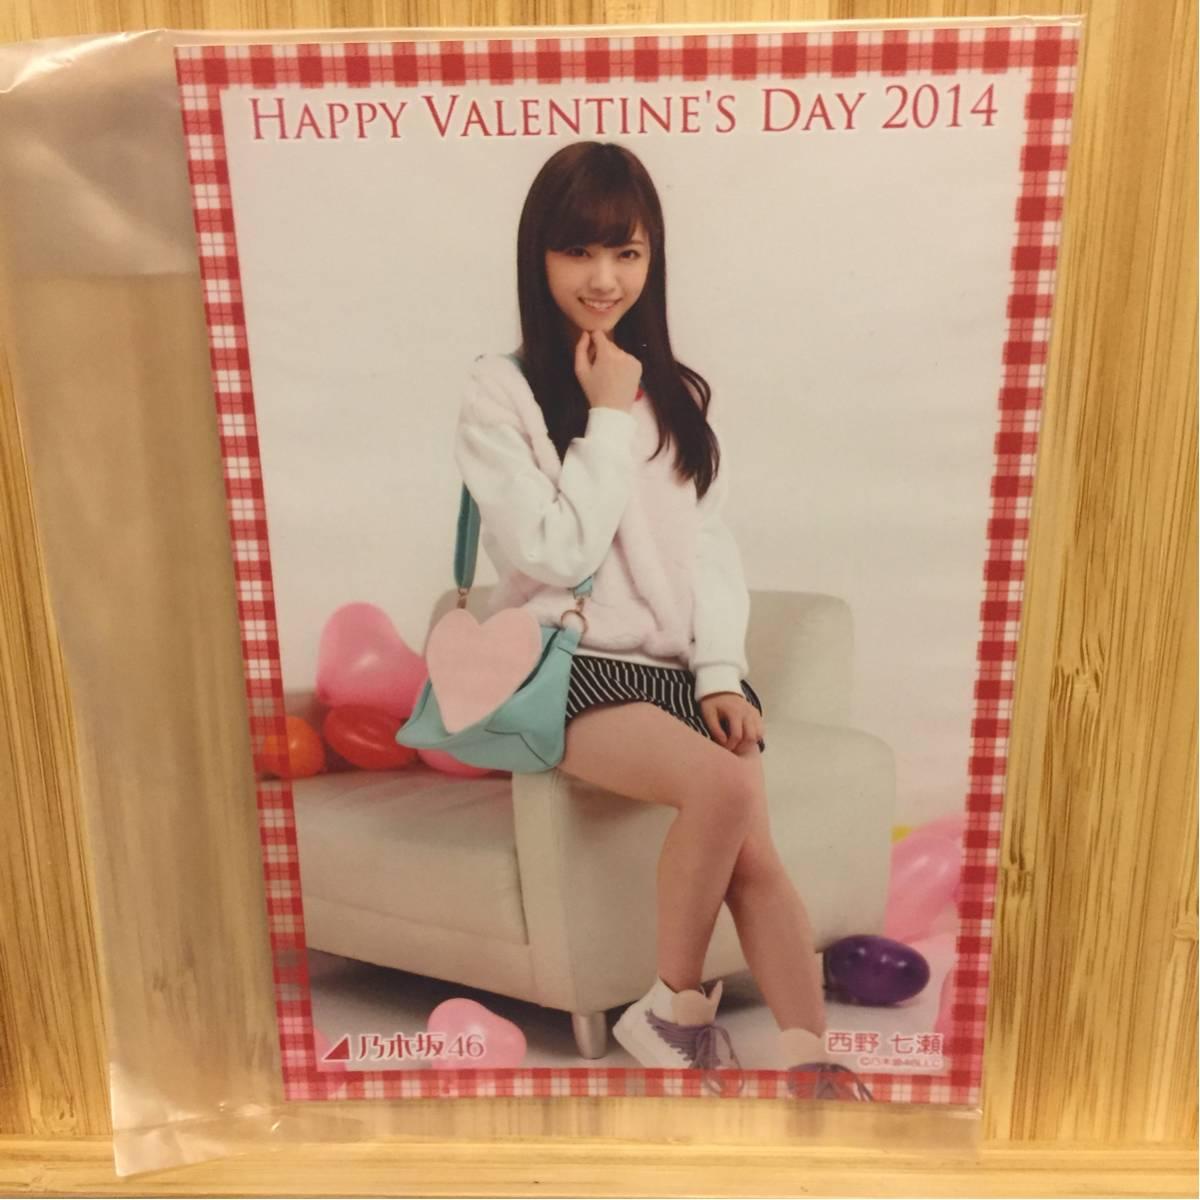 ☆乃木坂46☆ 西野七瀬 生写真 コンプ 2014 バレンタイン happy valentine